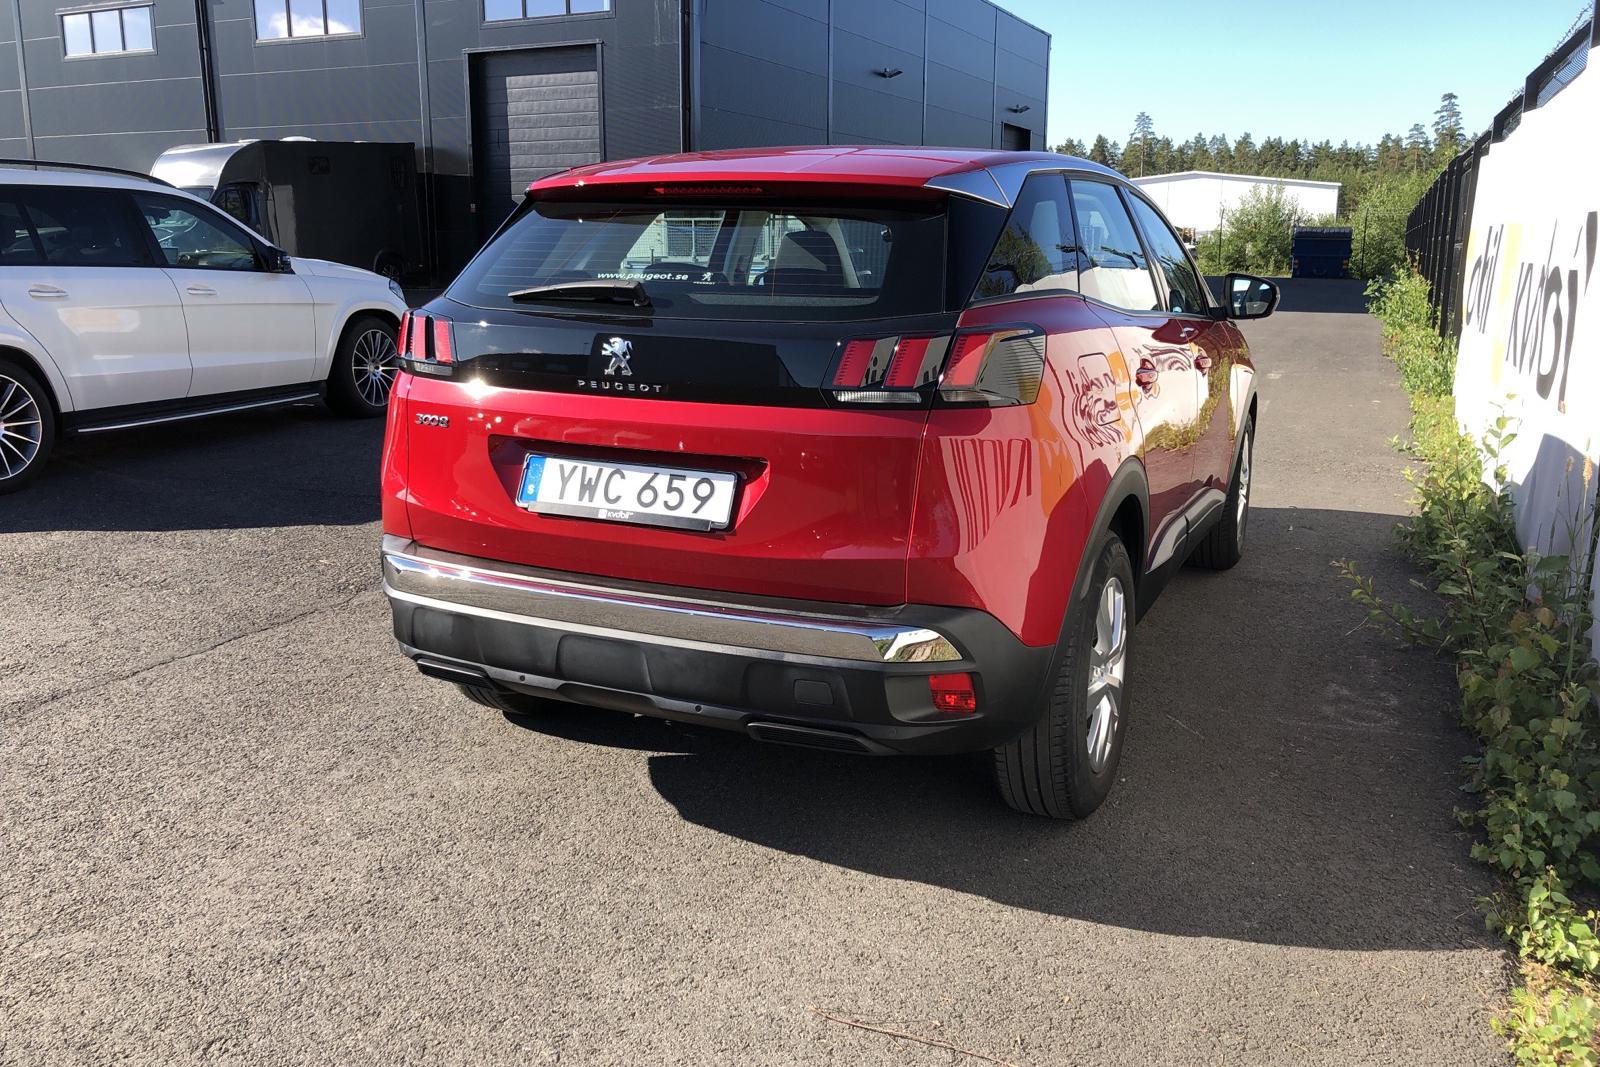 Peugeot 3008 1.2 PureTech (130hk) - 45 960 km - Automatic - 2018